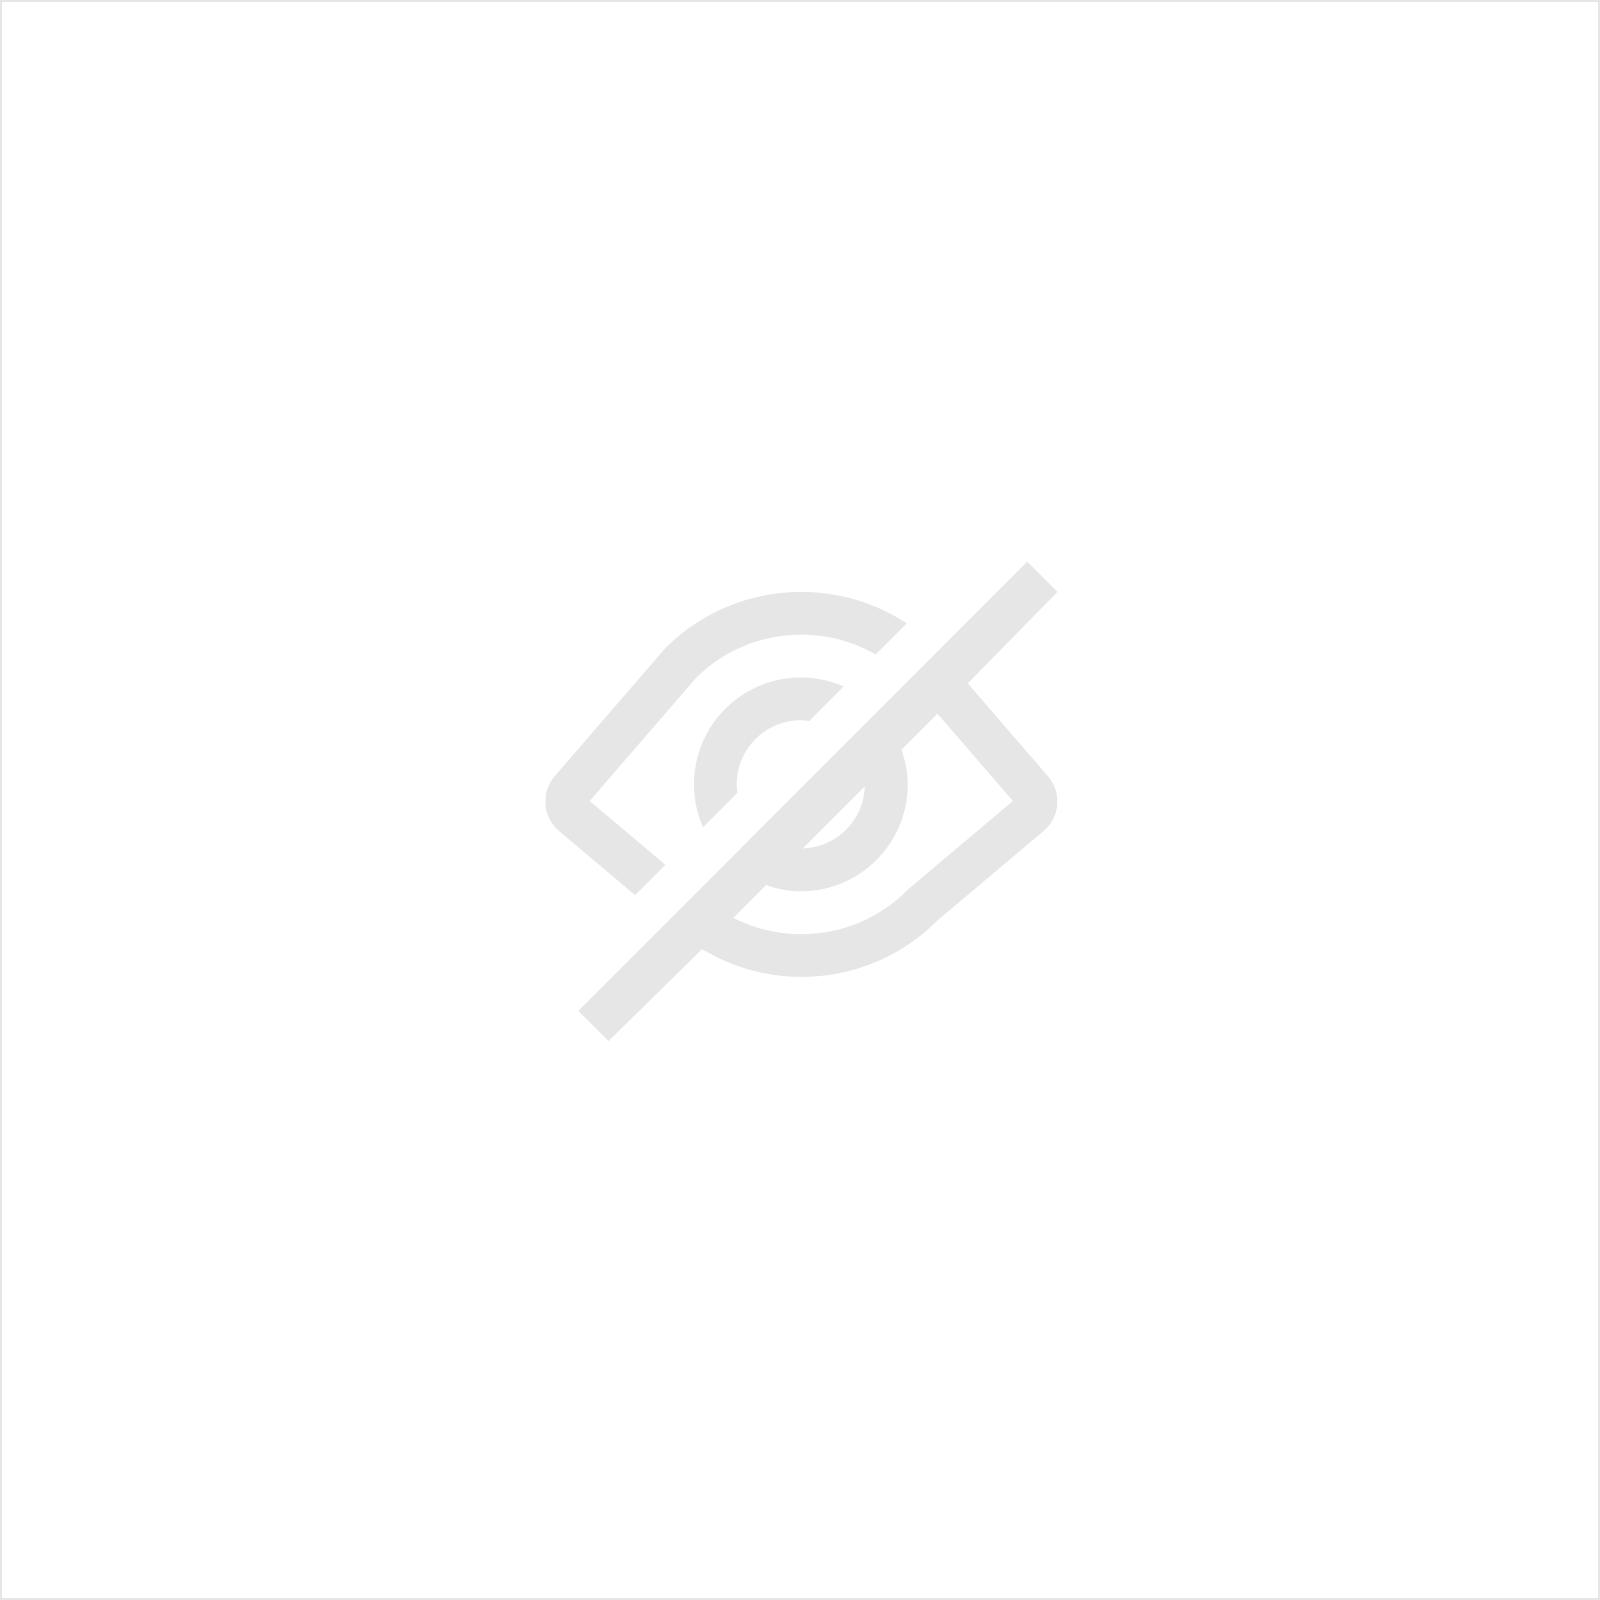 JEU DE MOLETTES OPTIONNELLES - FLAT BEAD ROLL 1/2 - POUR BORDEUSE MOULUREUSE